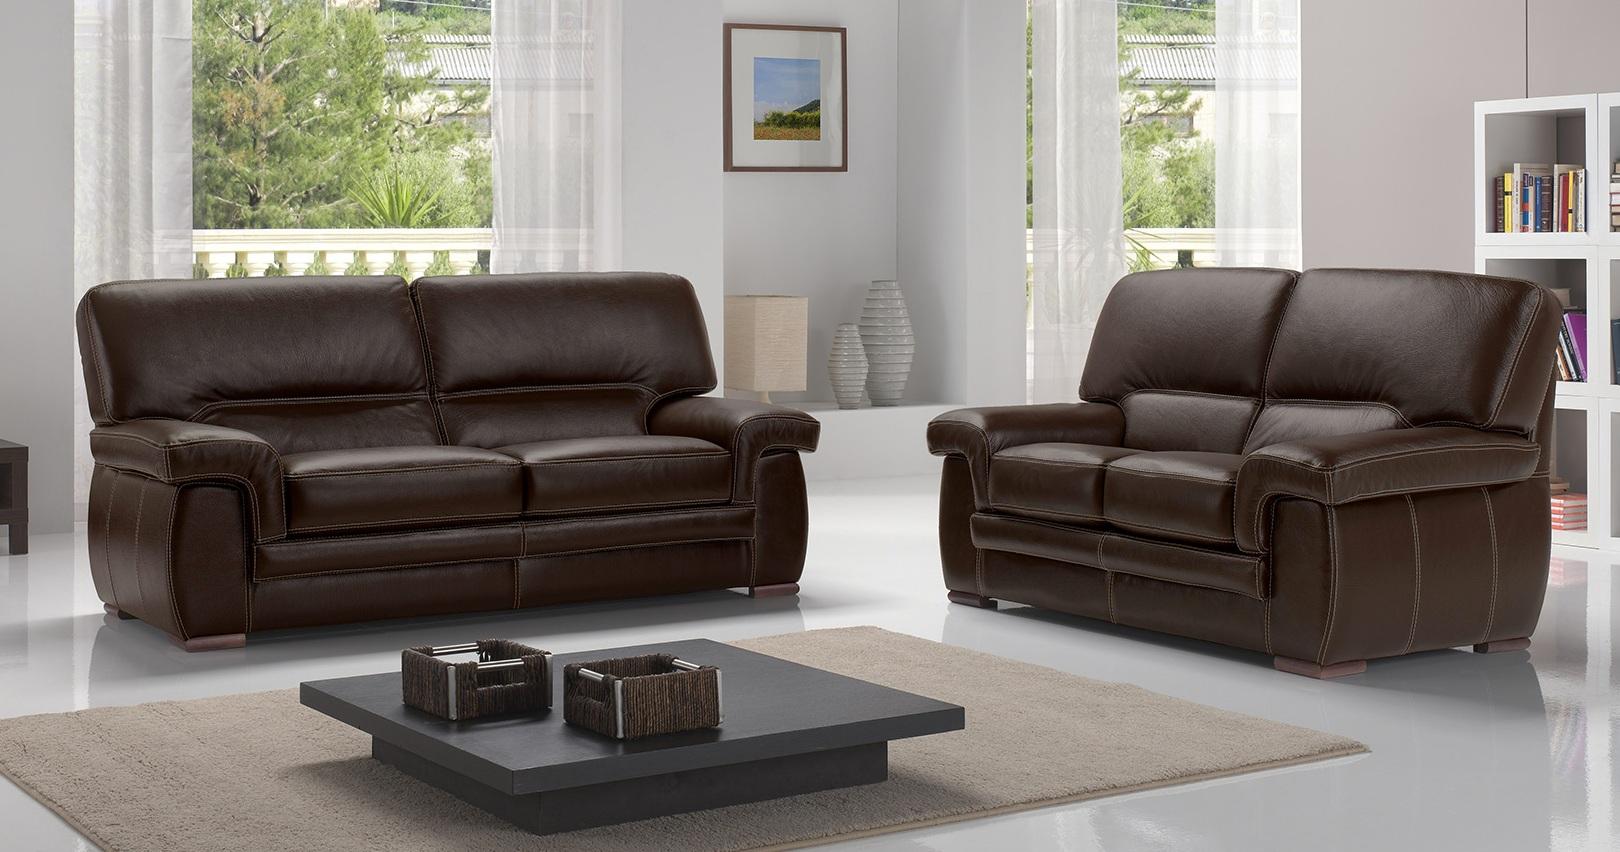 canap cuir buffle ou vachette varese plusieurs coloris au choix. Black Bedroom Furniture Sets. Home Design Ideas